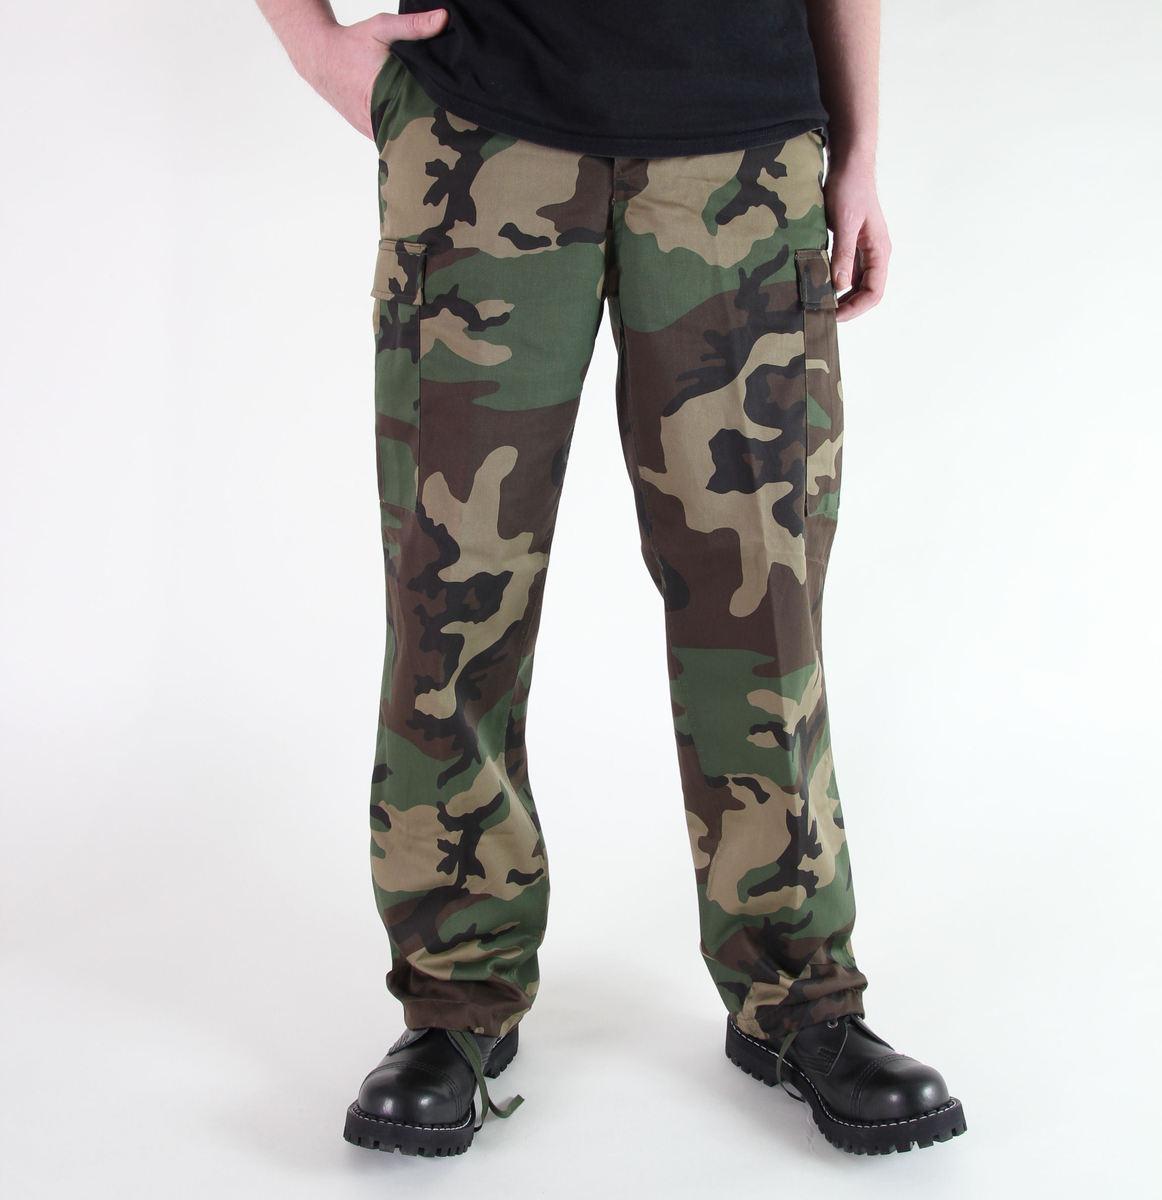 kalhoty pánské MIL-TEC - US Ranger Hose - Woodland - 11810020